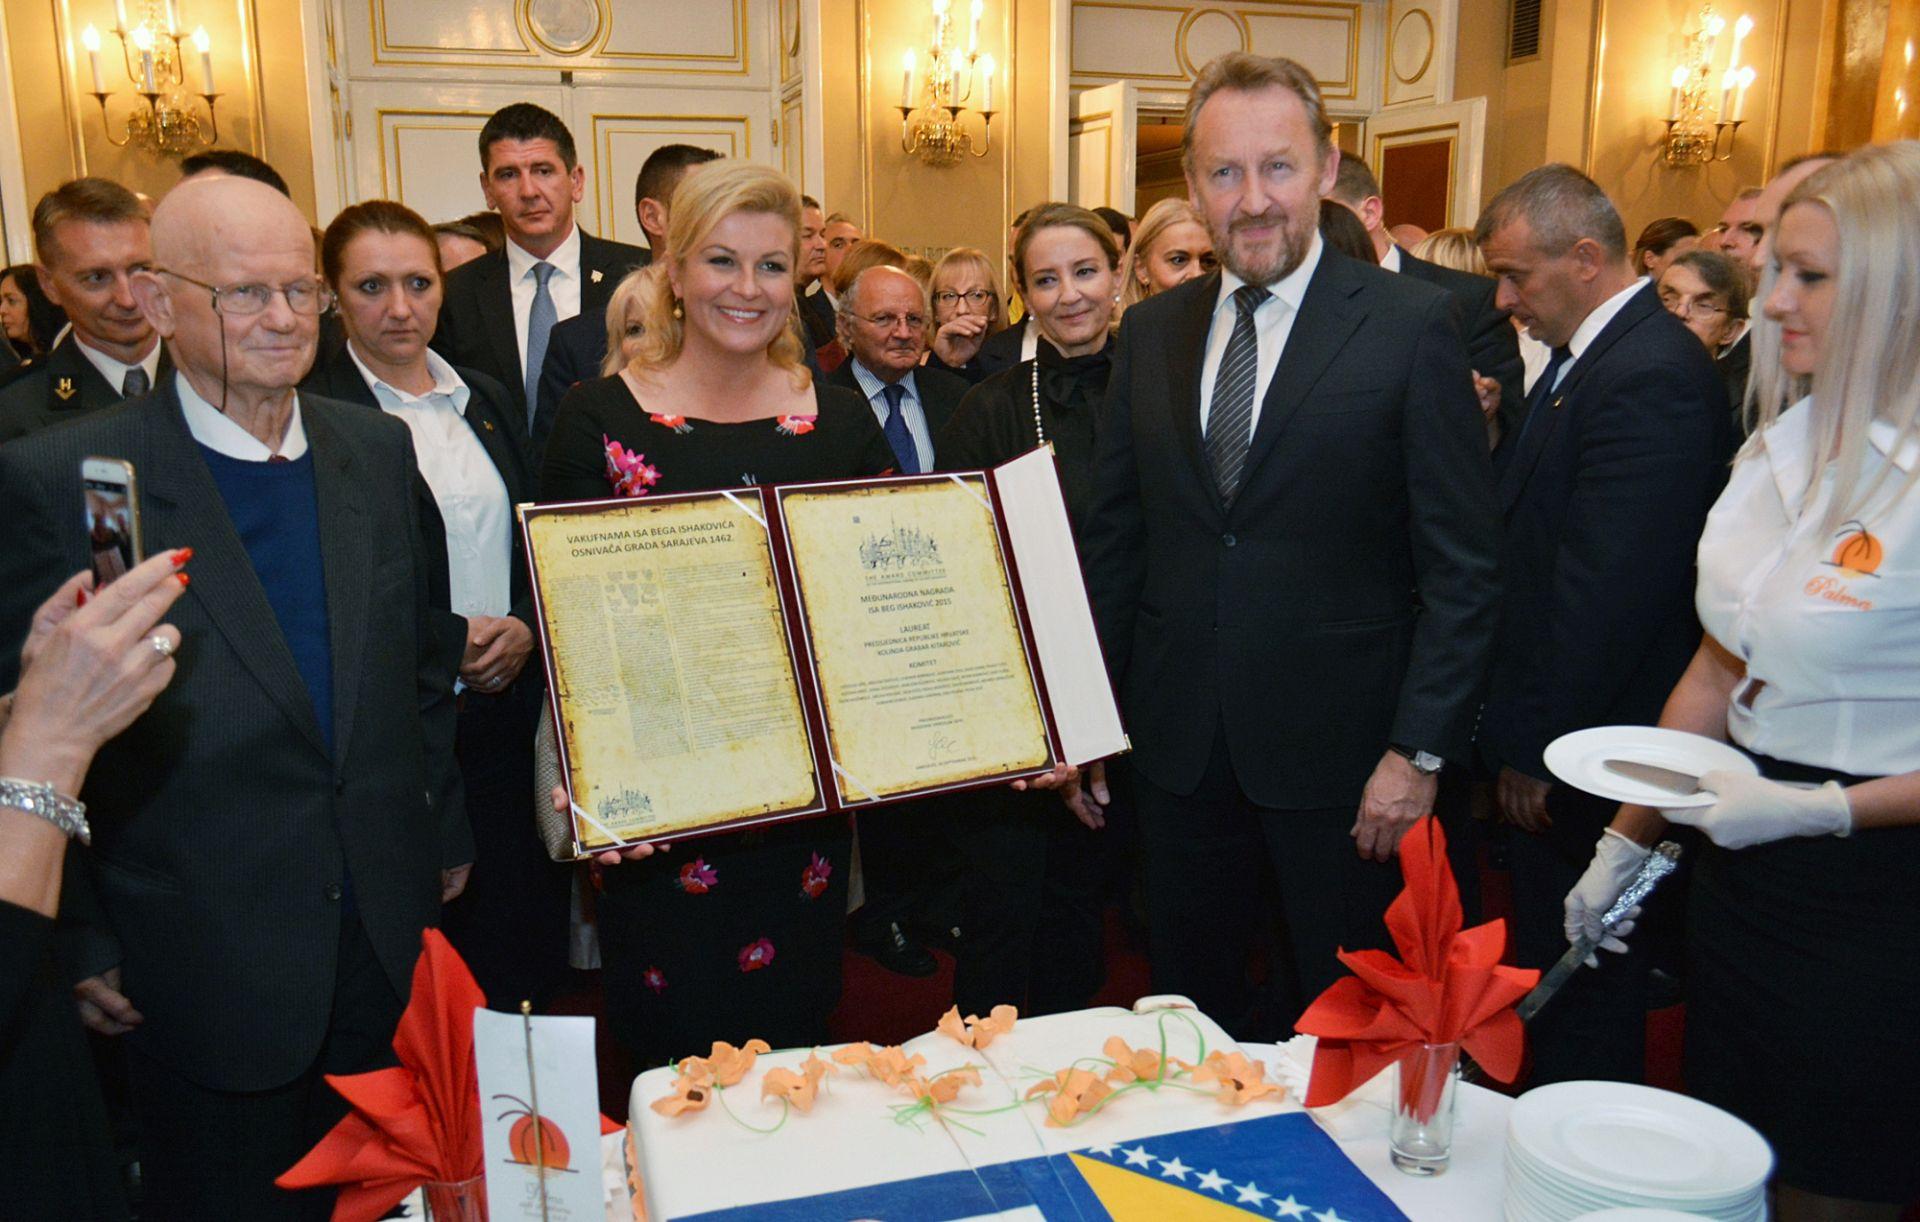 Grabar-Kitarović: Europska ideja unatoč krizi ne gubi privlačnost